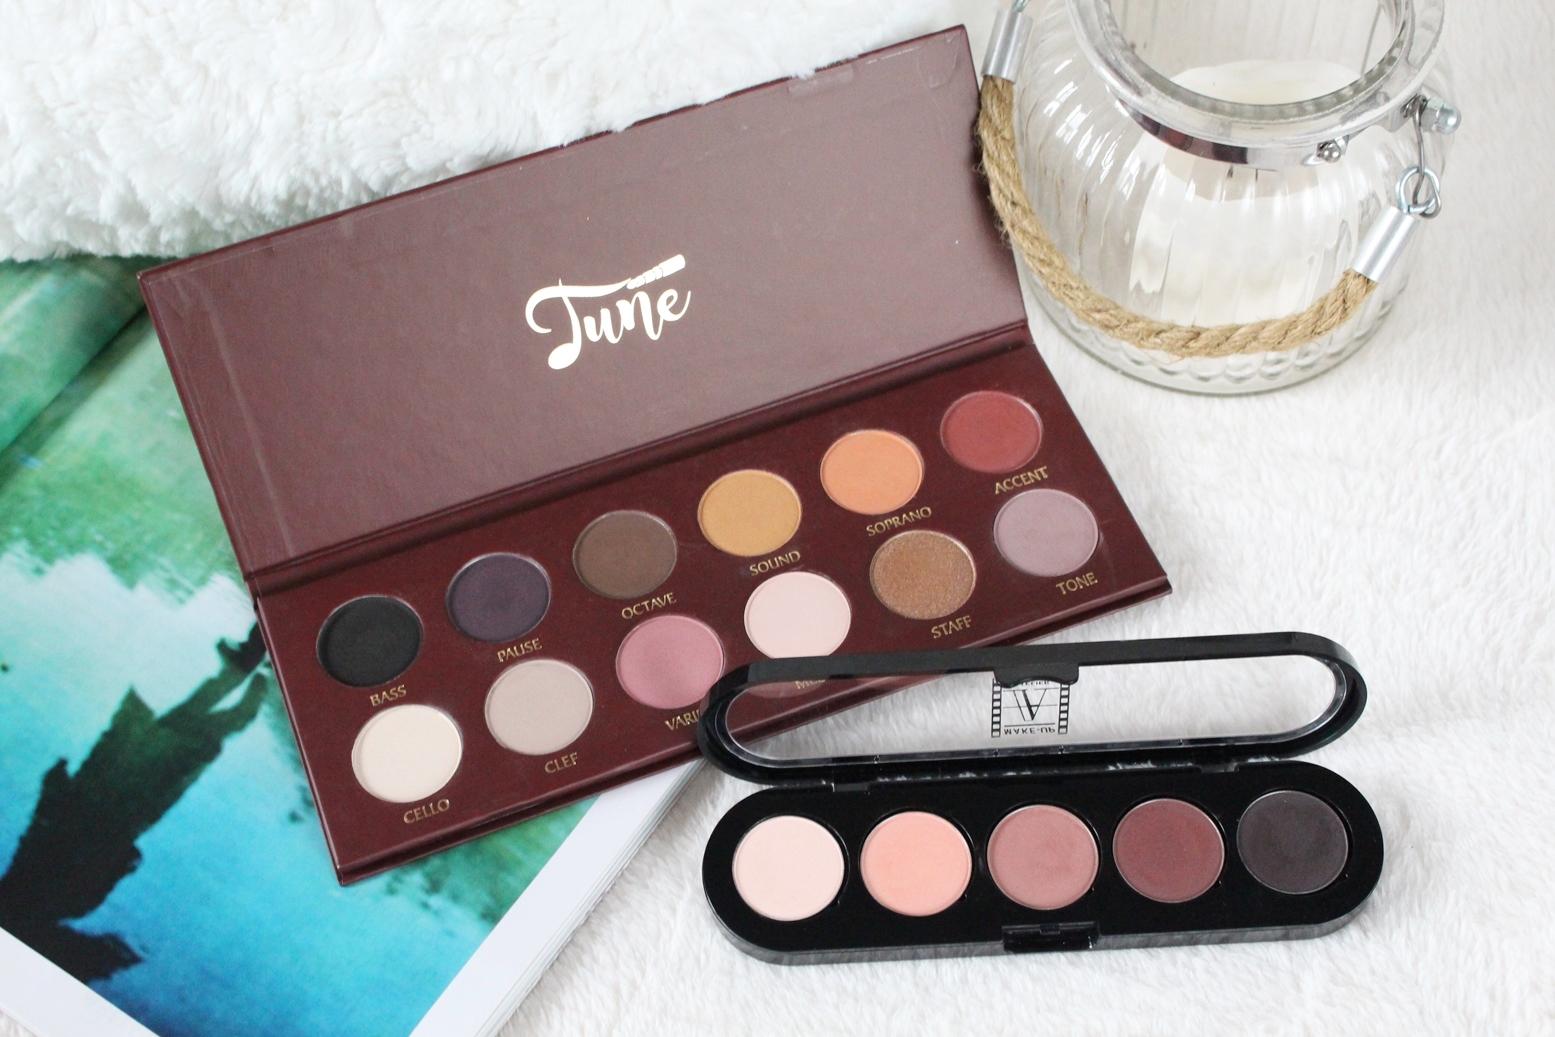 tune-cosmetics-makeup-atelier-paris-t19